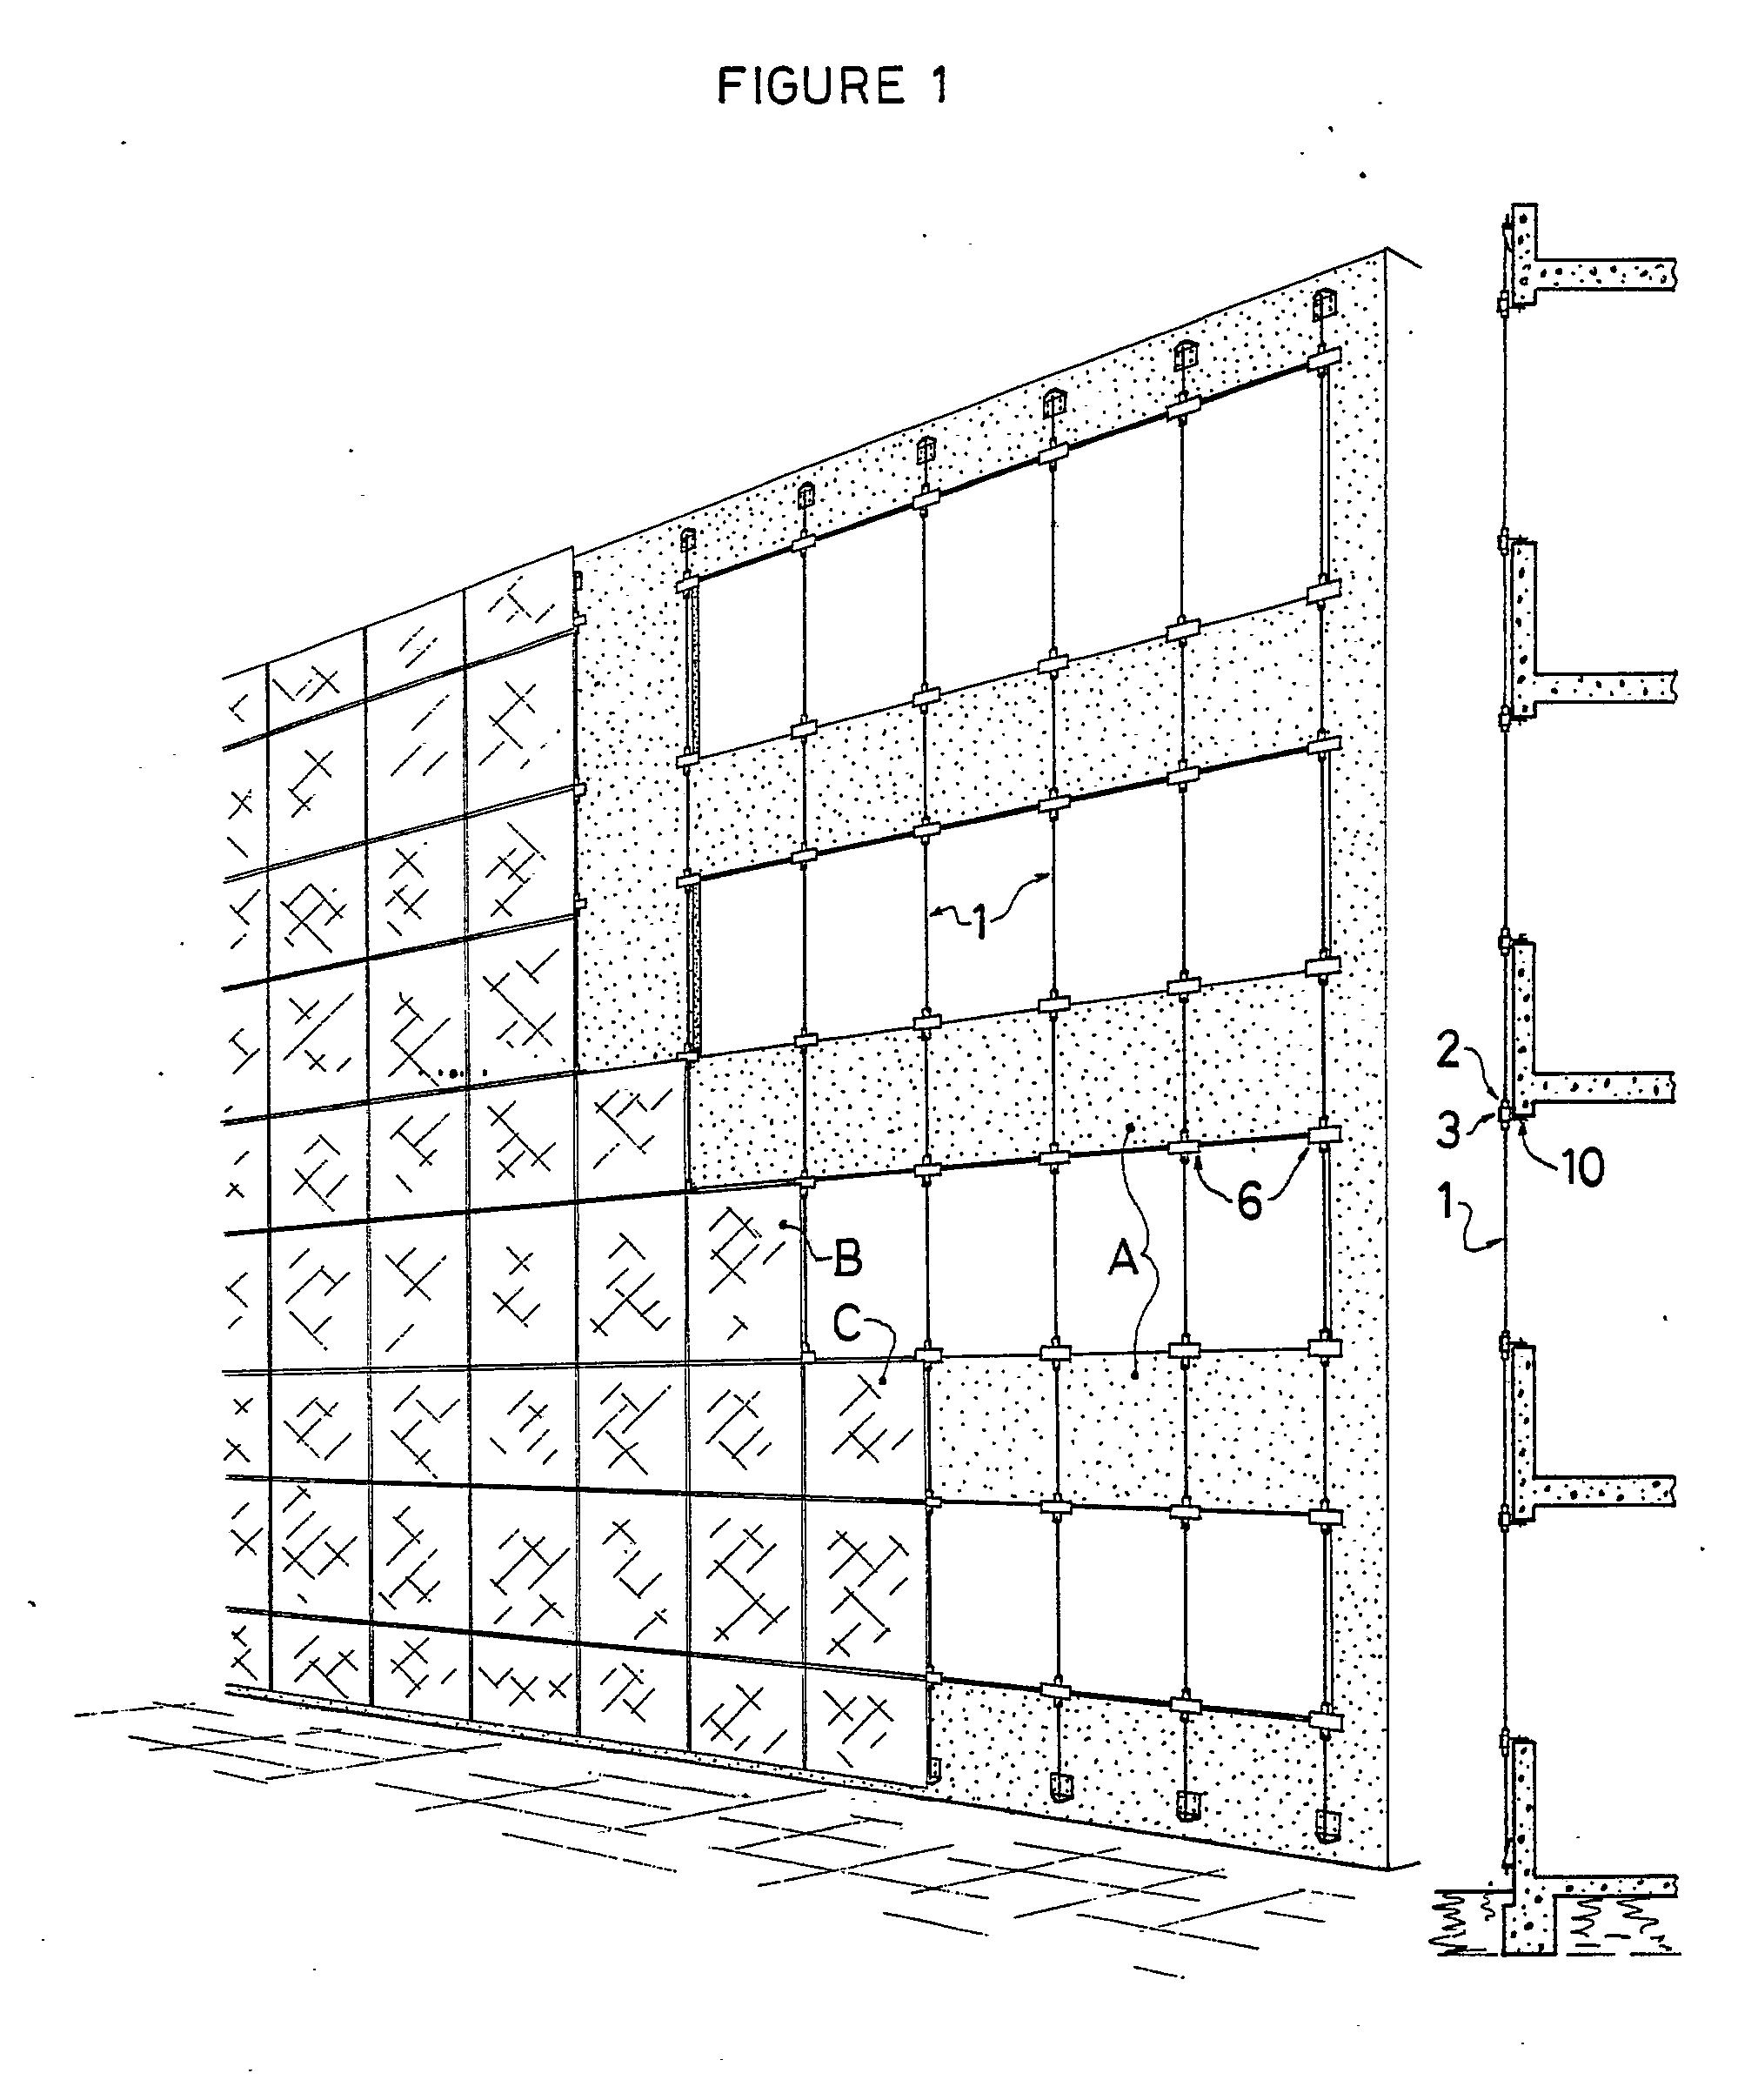 patent ep0387127a2 structure de fa ade de type mur rideau c bles ou fils tendus google patents. Black Bedroom Furniture Sets. Home Design Ideas